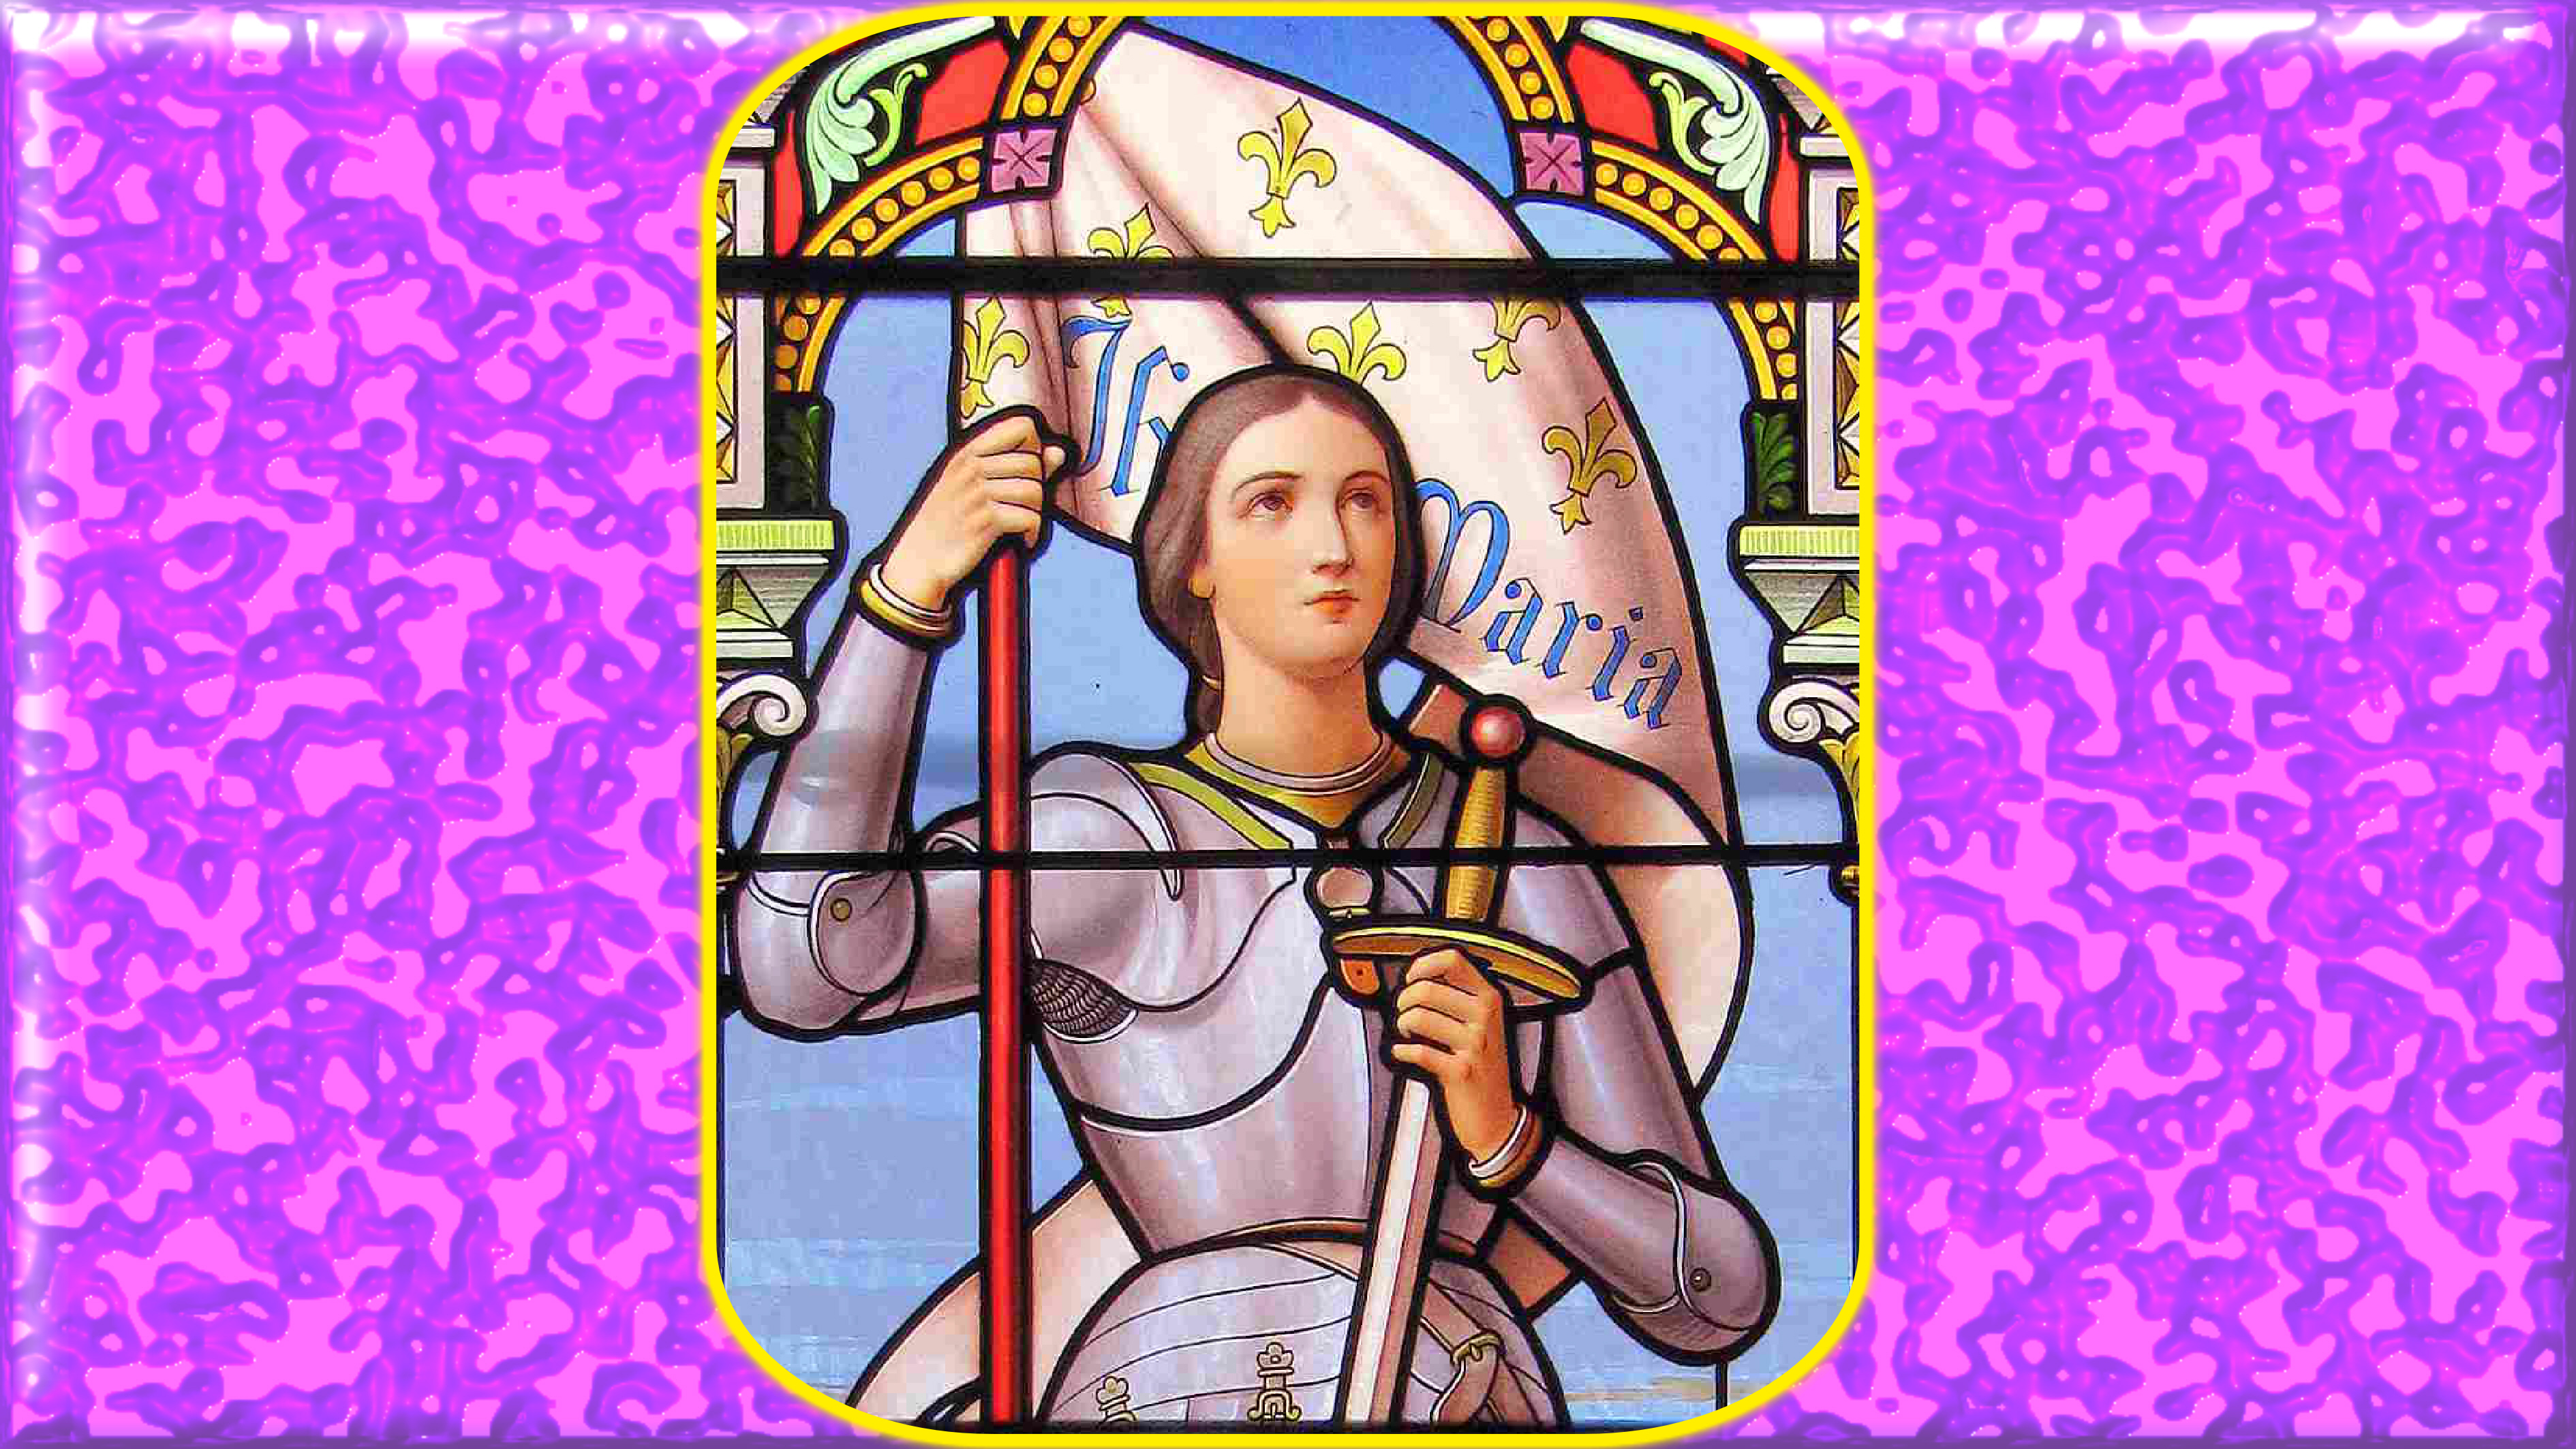 CALENDRIER CATHOLIQUE 2020 (Cantiques, Prières & Images) - Page 16 Ste-jeanne-d-arc-576ce09